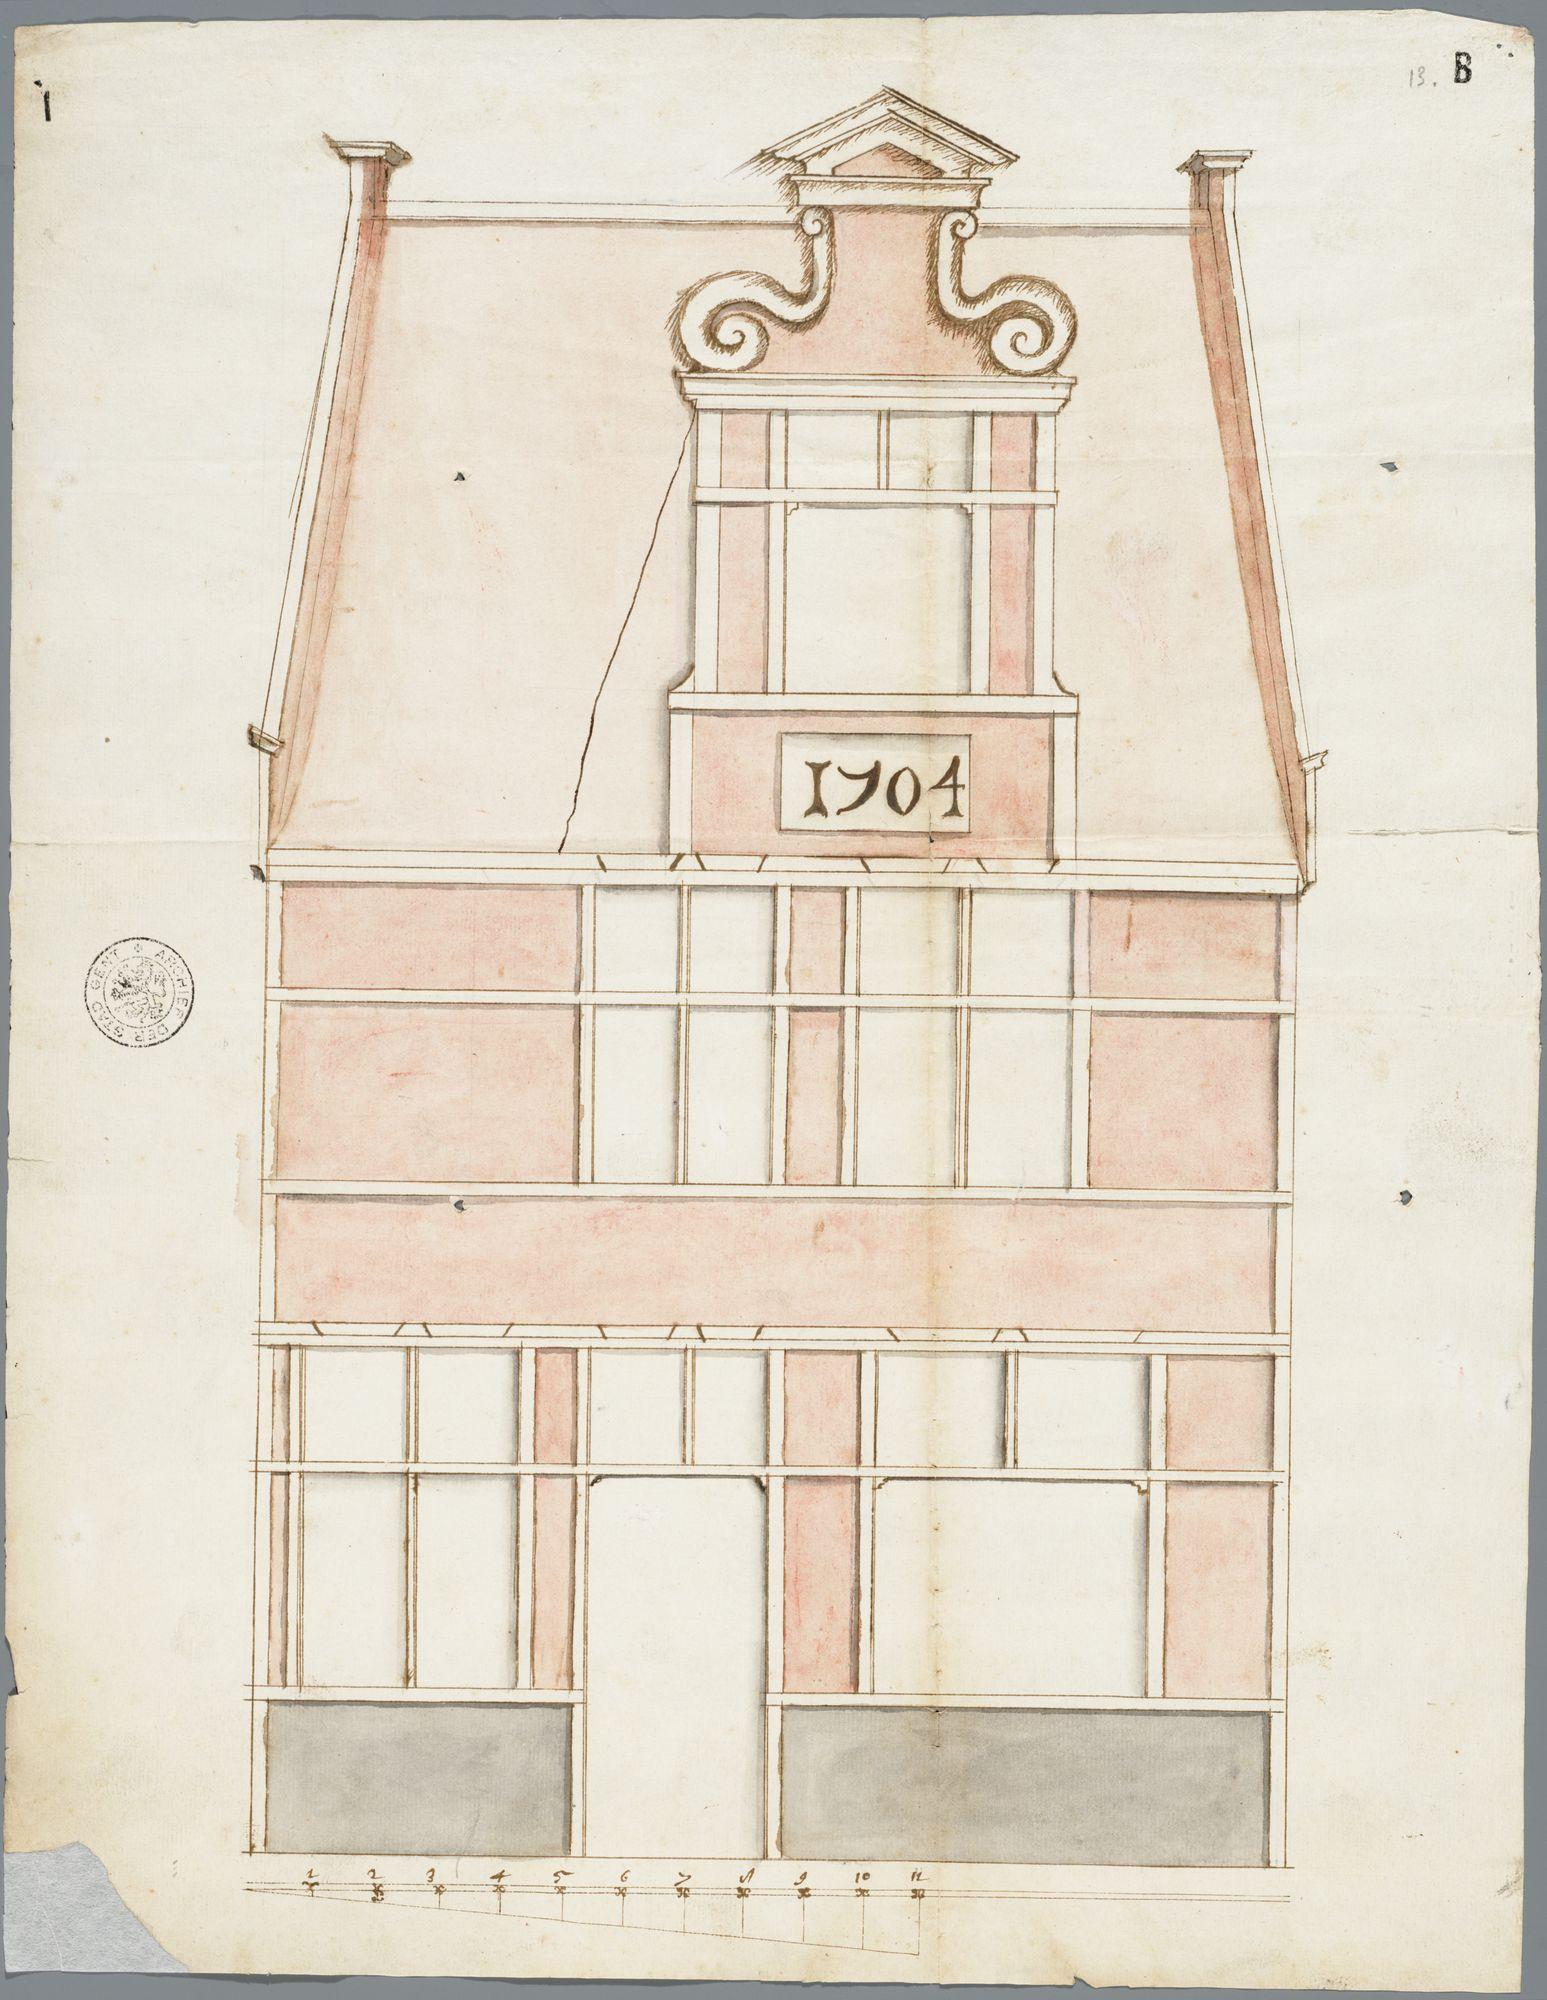 Gent: Apostelhuizen, 1703: opstand voorgevel